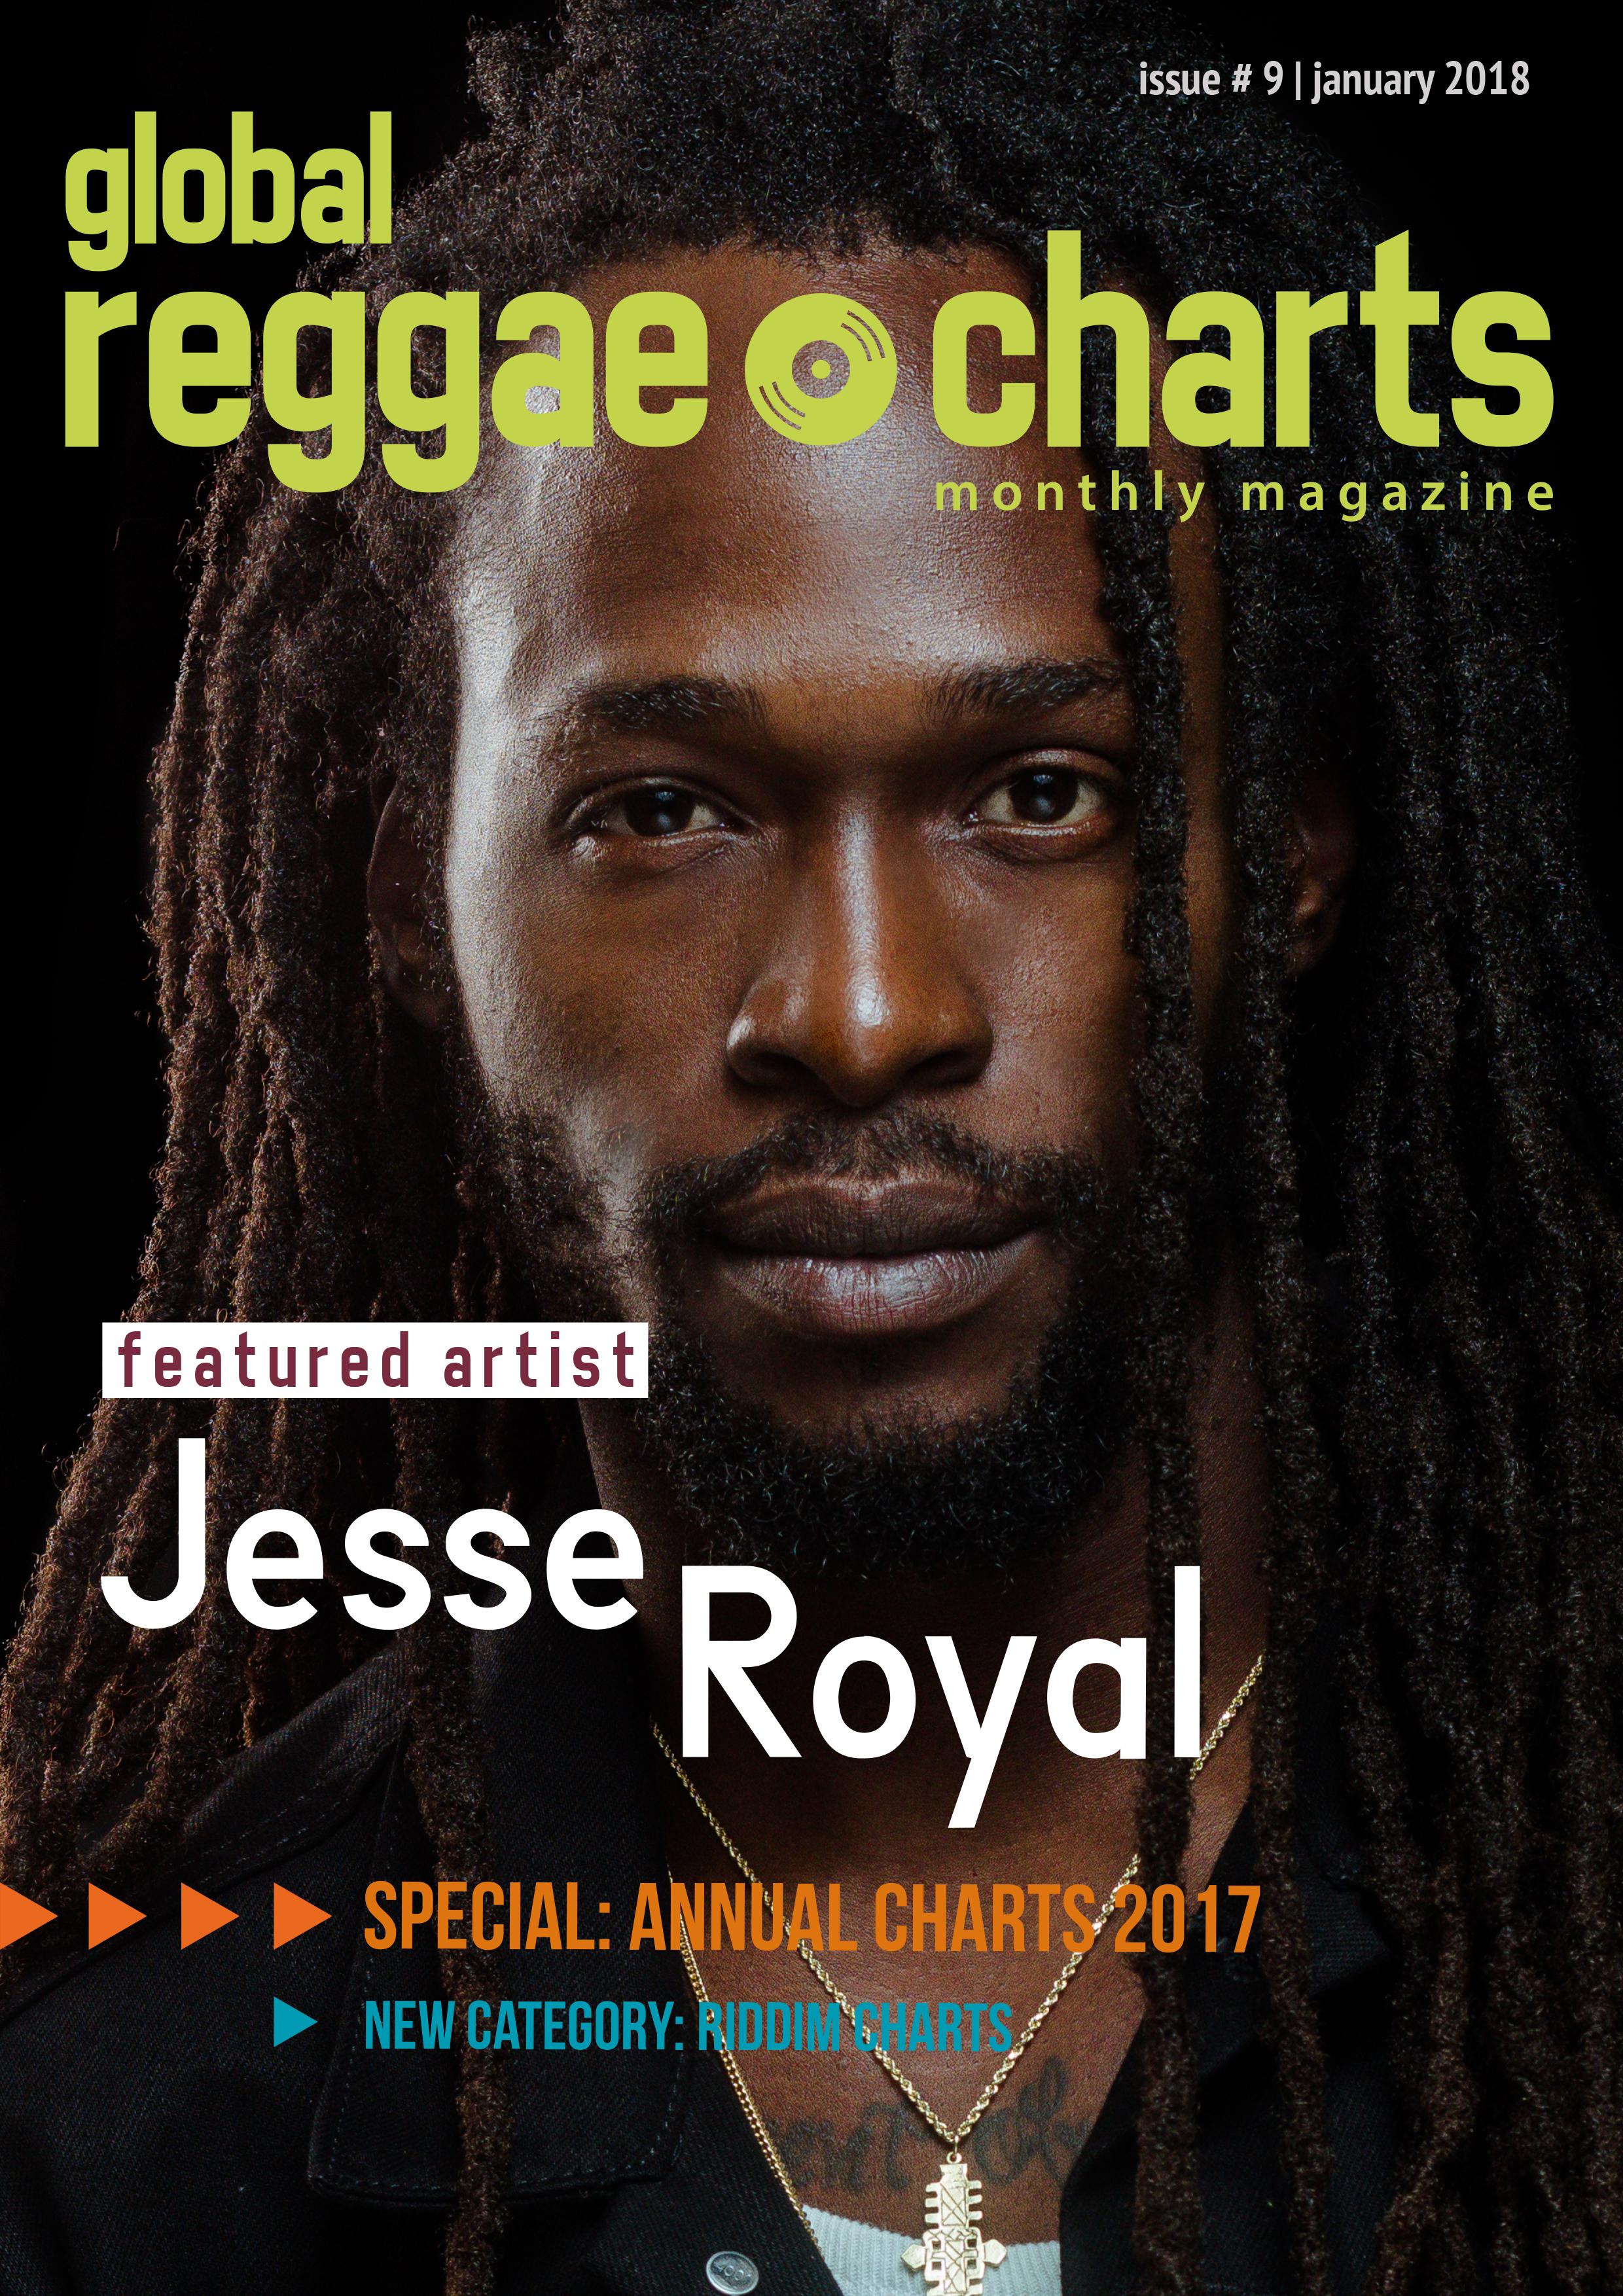 Global Reggae Charts - Issue #9 _ January 2018-1.jpg